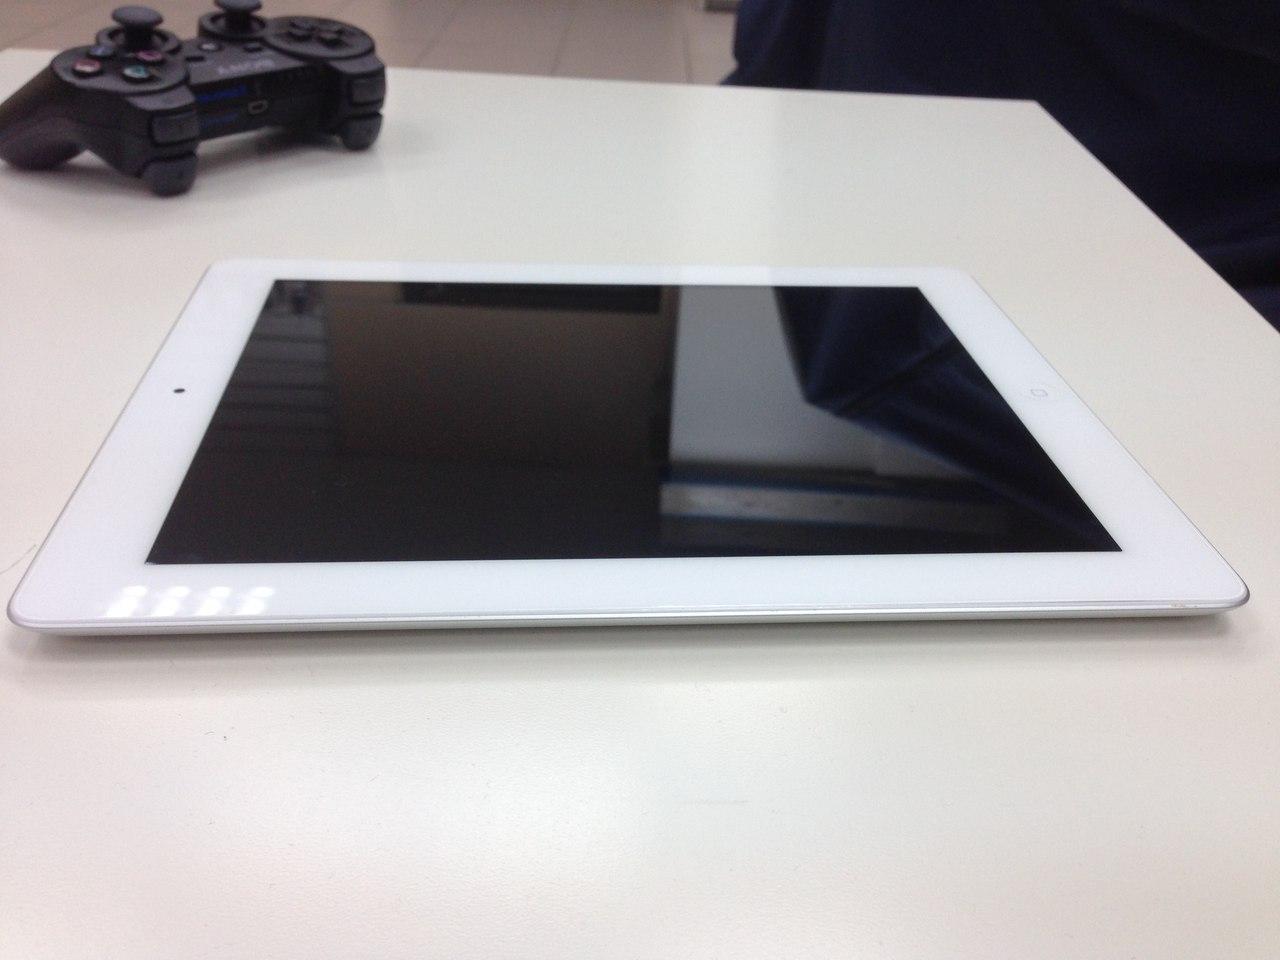 Продам iPad 4 Retina 16gb white